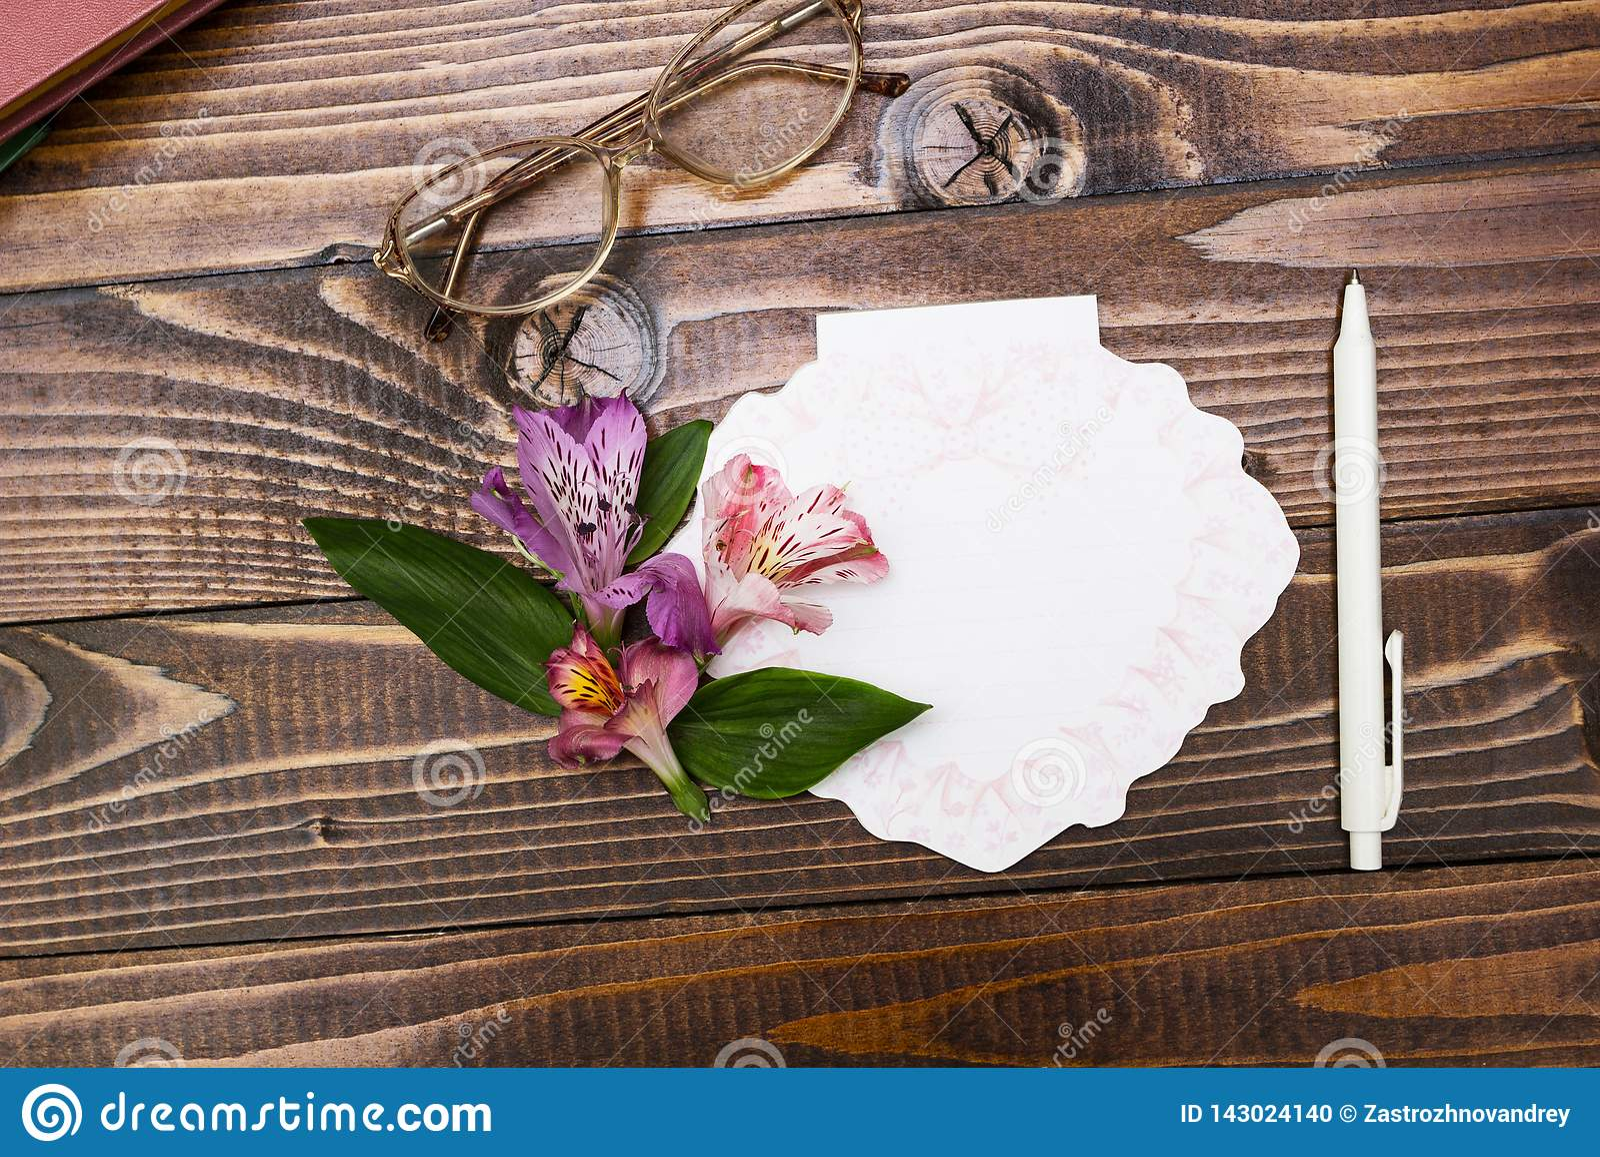 Glazen, notitieboekje en bloemen op houten achtergrond